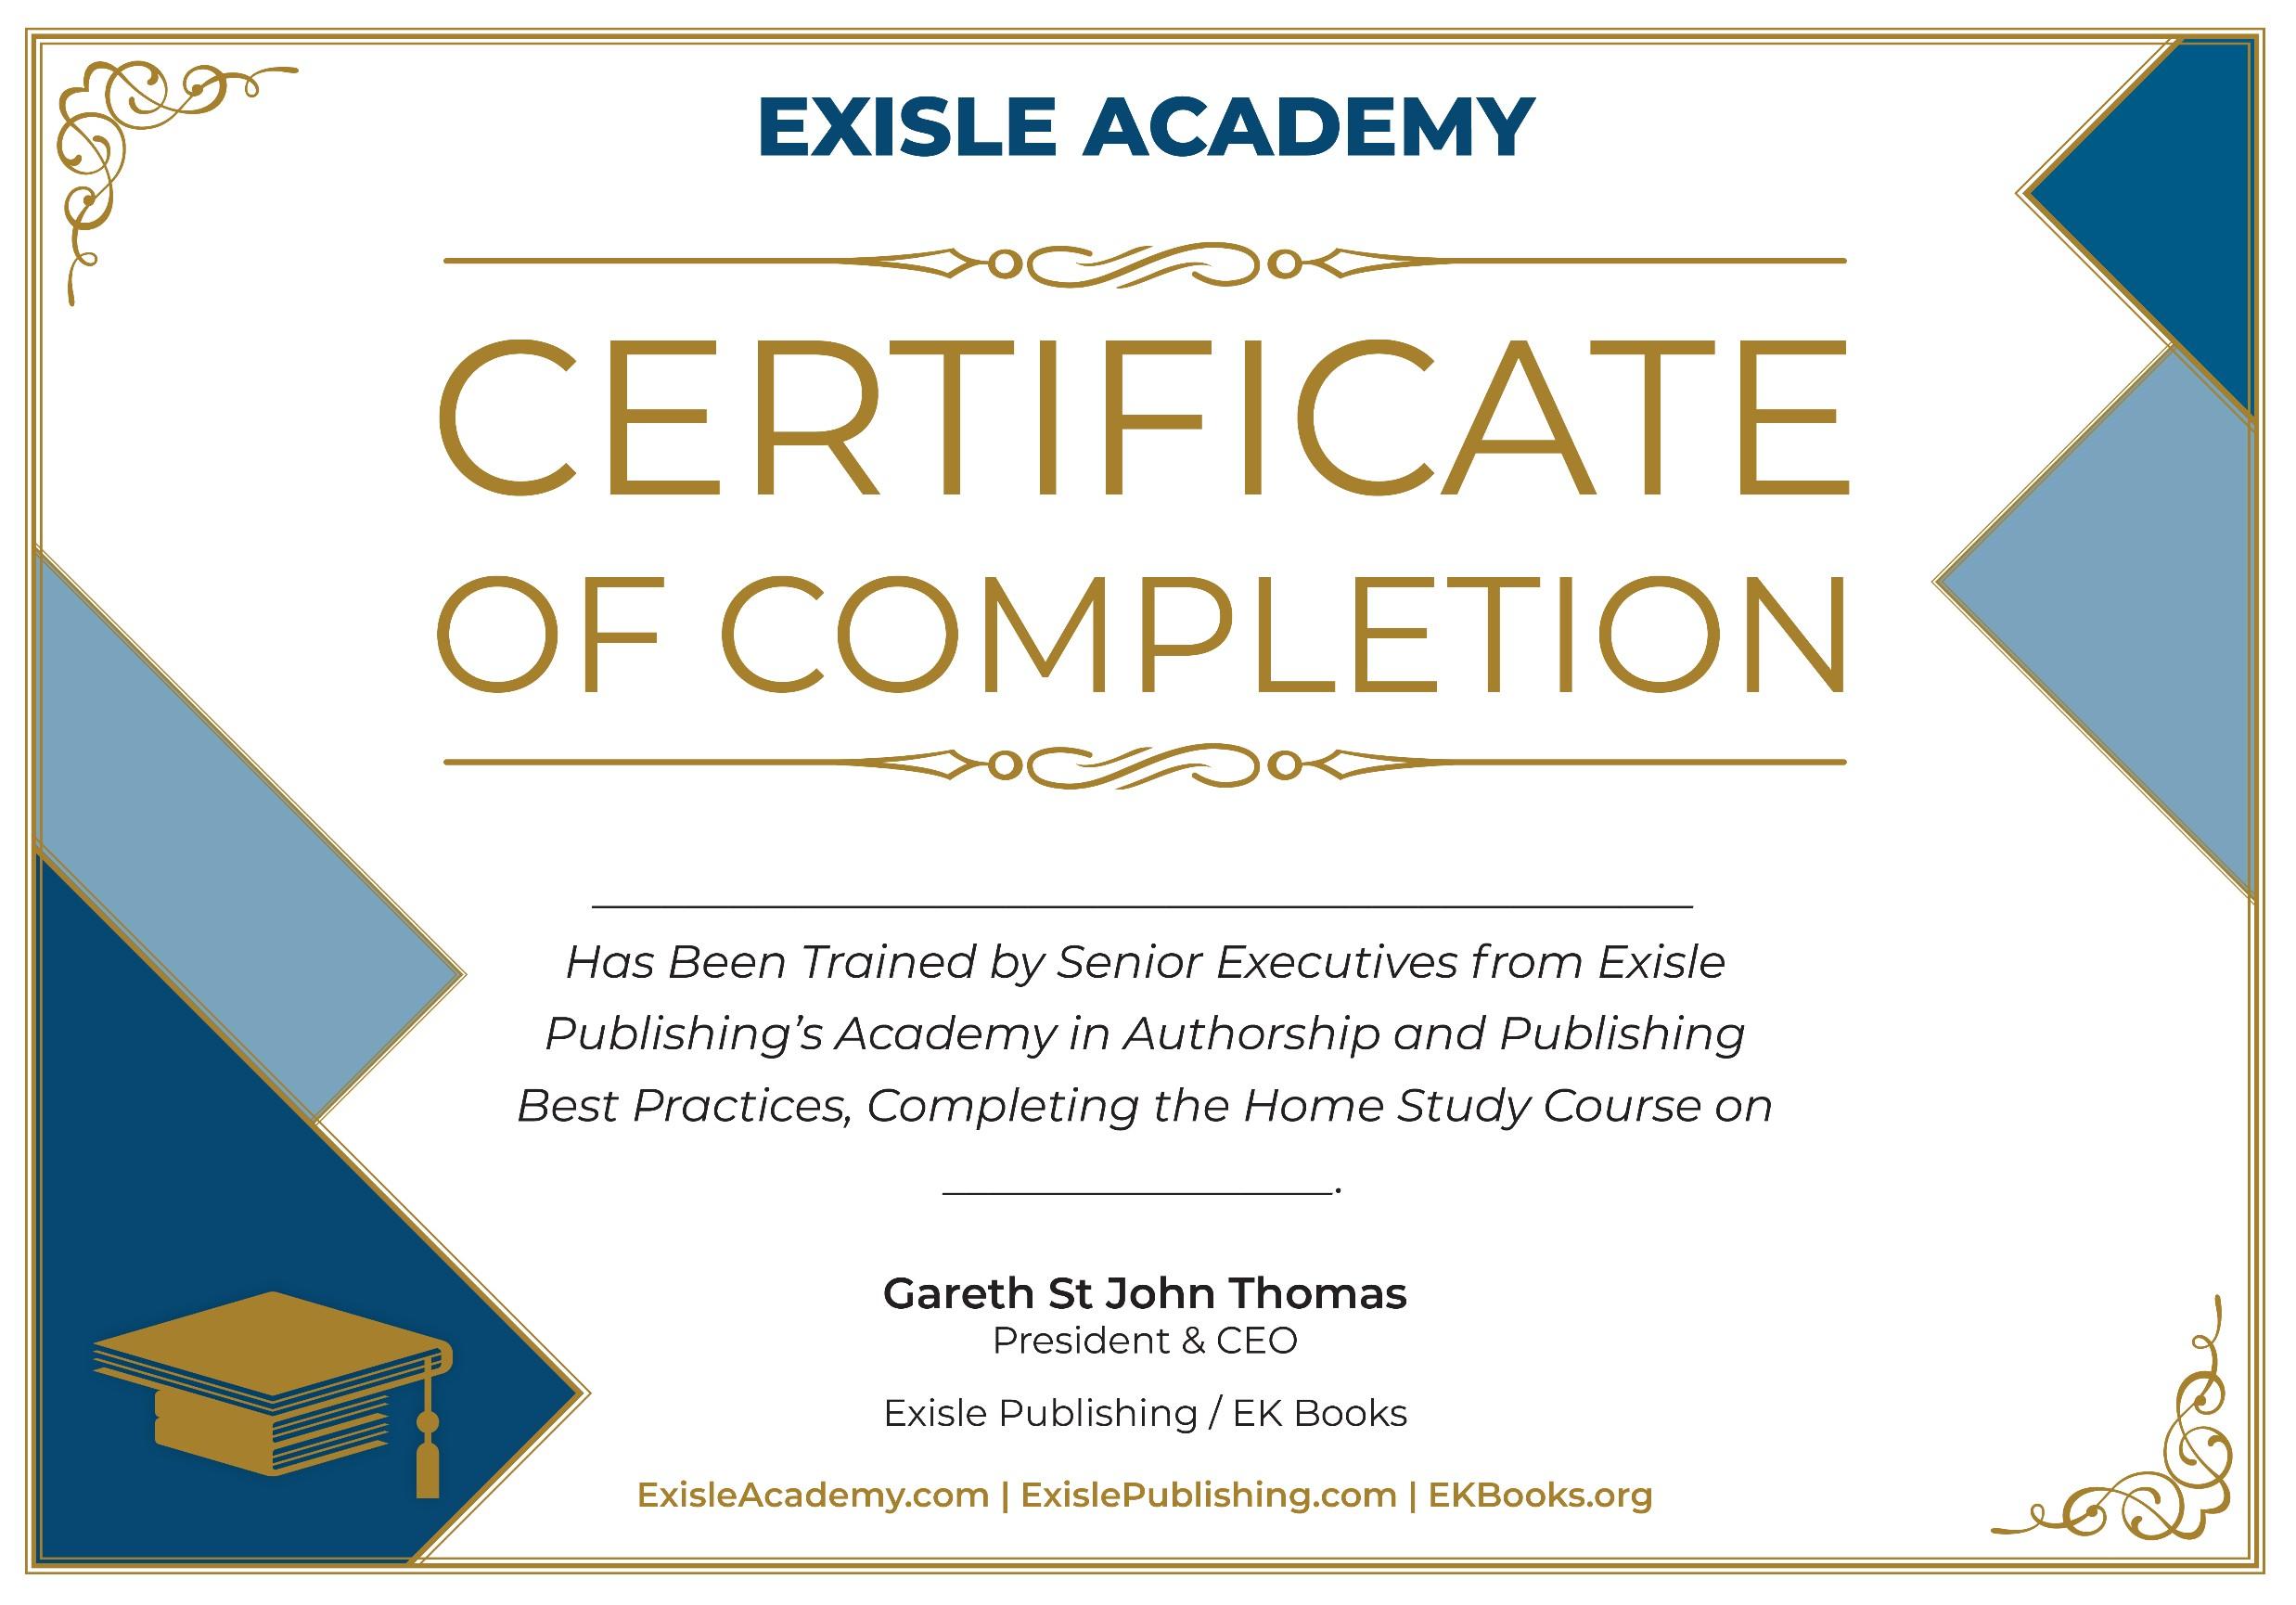 Exisle Academy